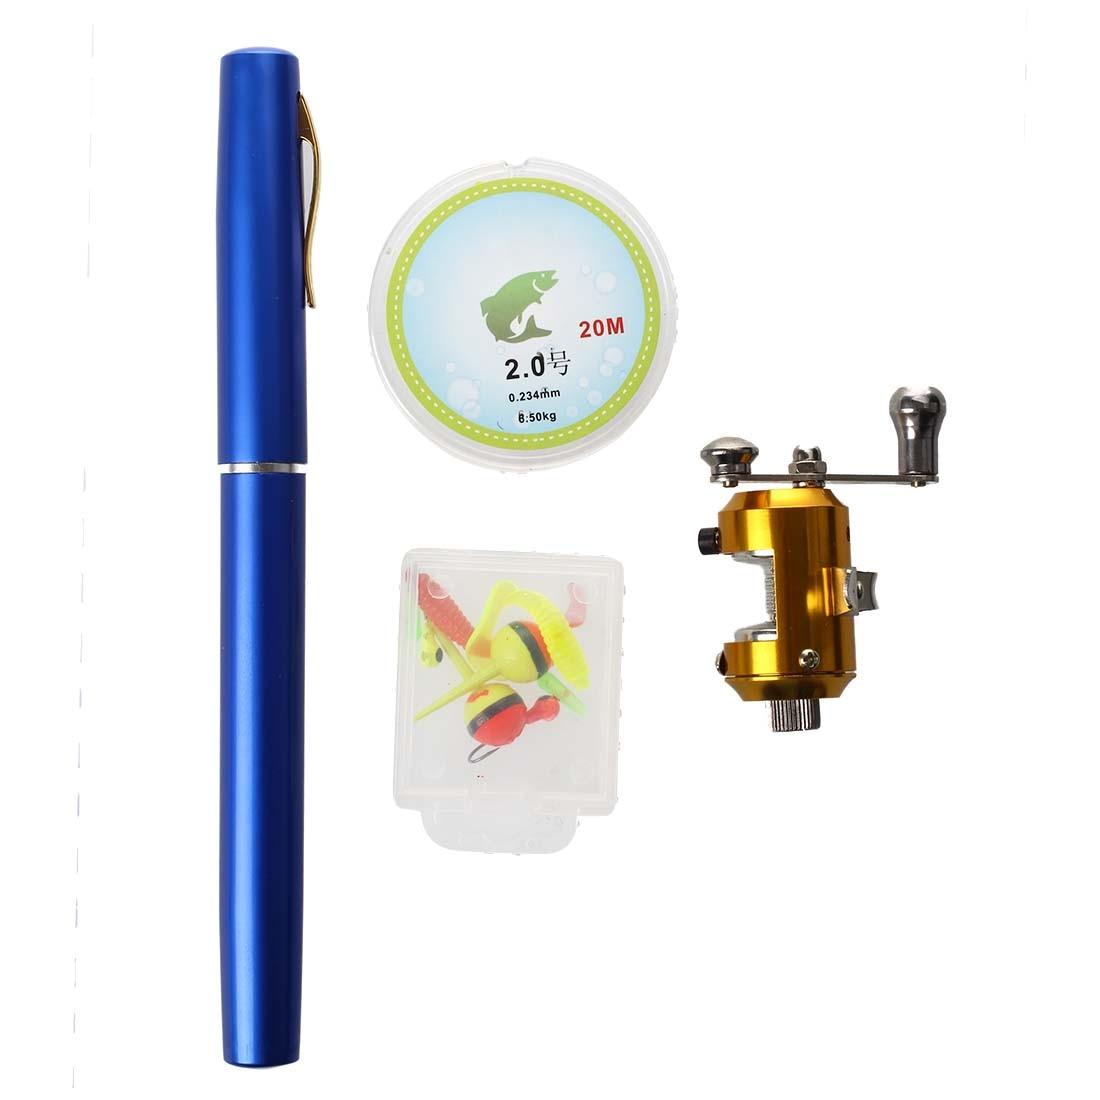 Details about Portable Pen Fishing <font><b>Rod</b></font> Pole + Mini Fish Reel Wheel + 20m Fishing Line 6K30 Blue